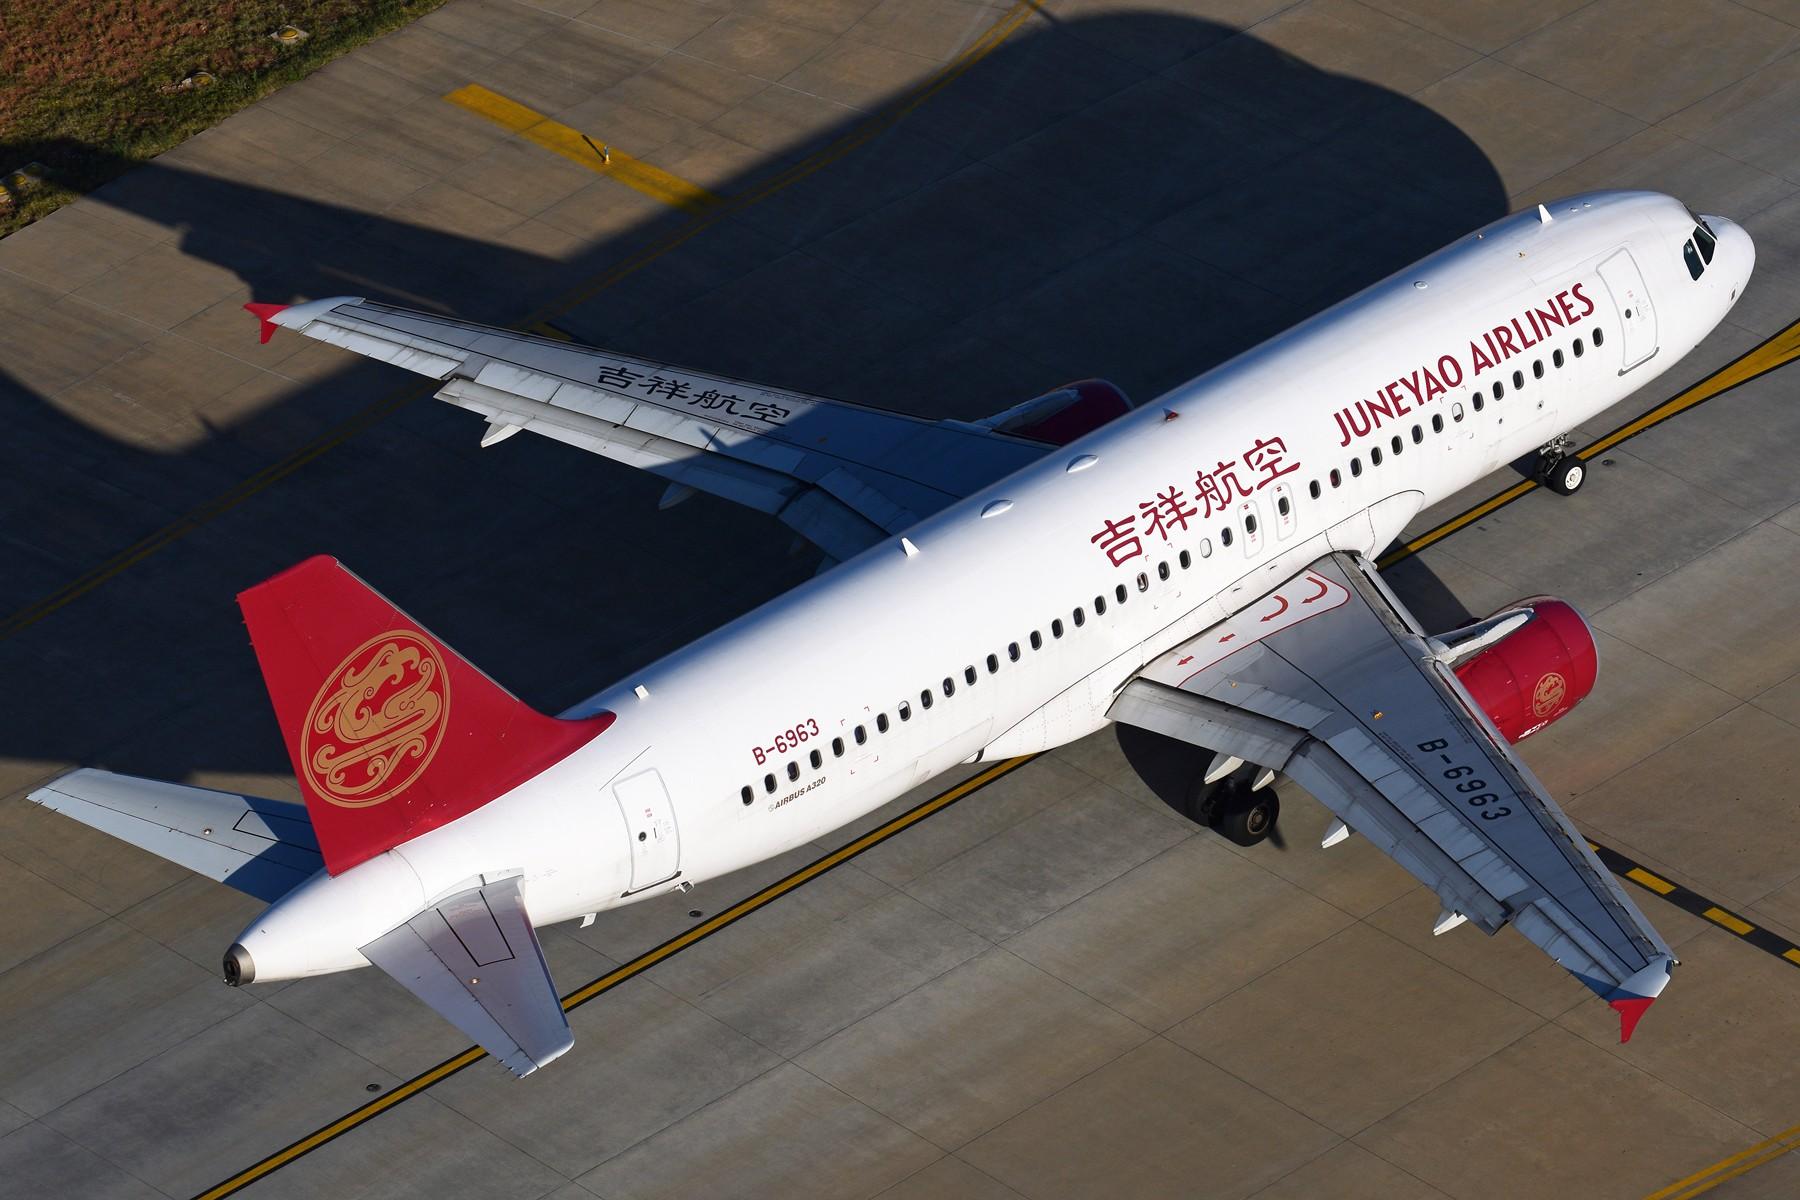 Re:[原创][吉祥航空年度摄影大赛] 吉祥航空------高原上的飒爽英姿 AIRBUS A320-200 B-6963 中国昆明长水国际机场